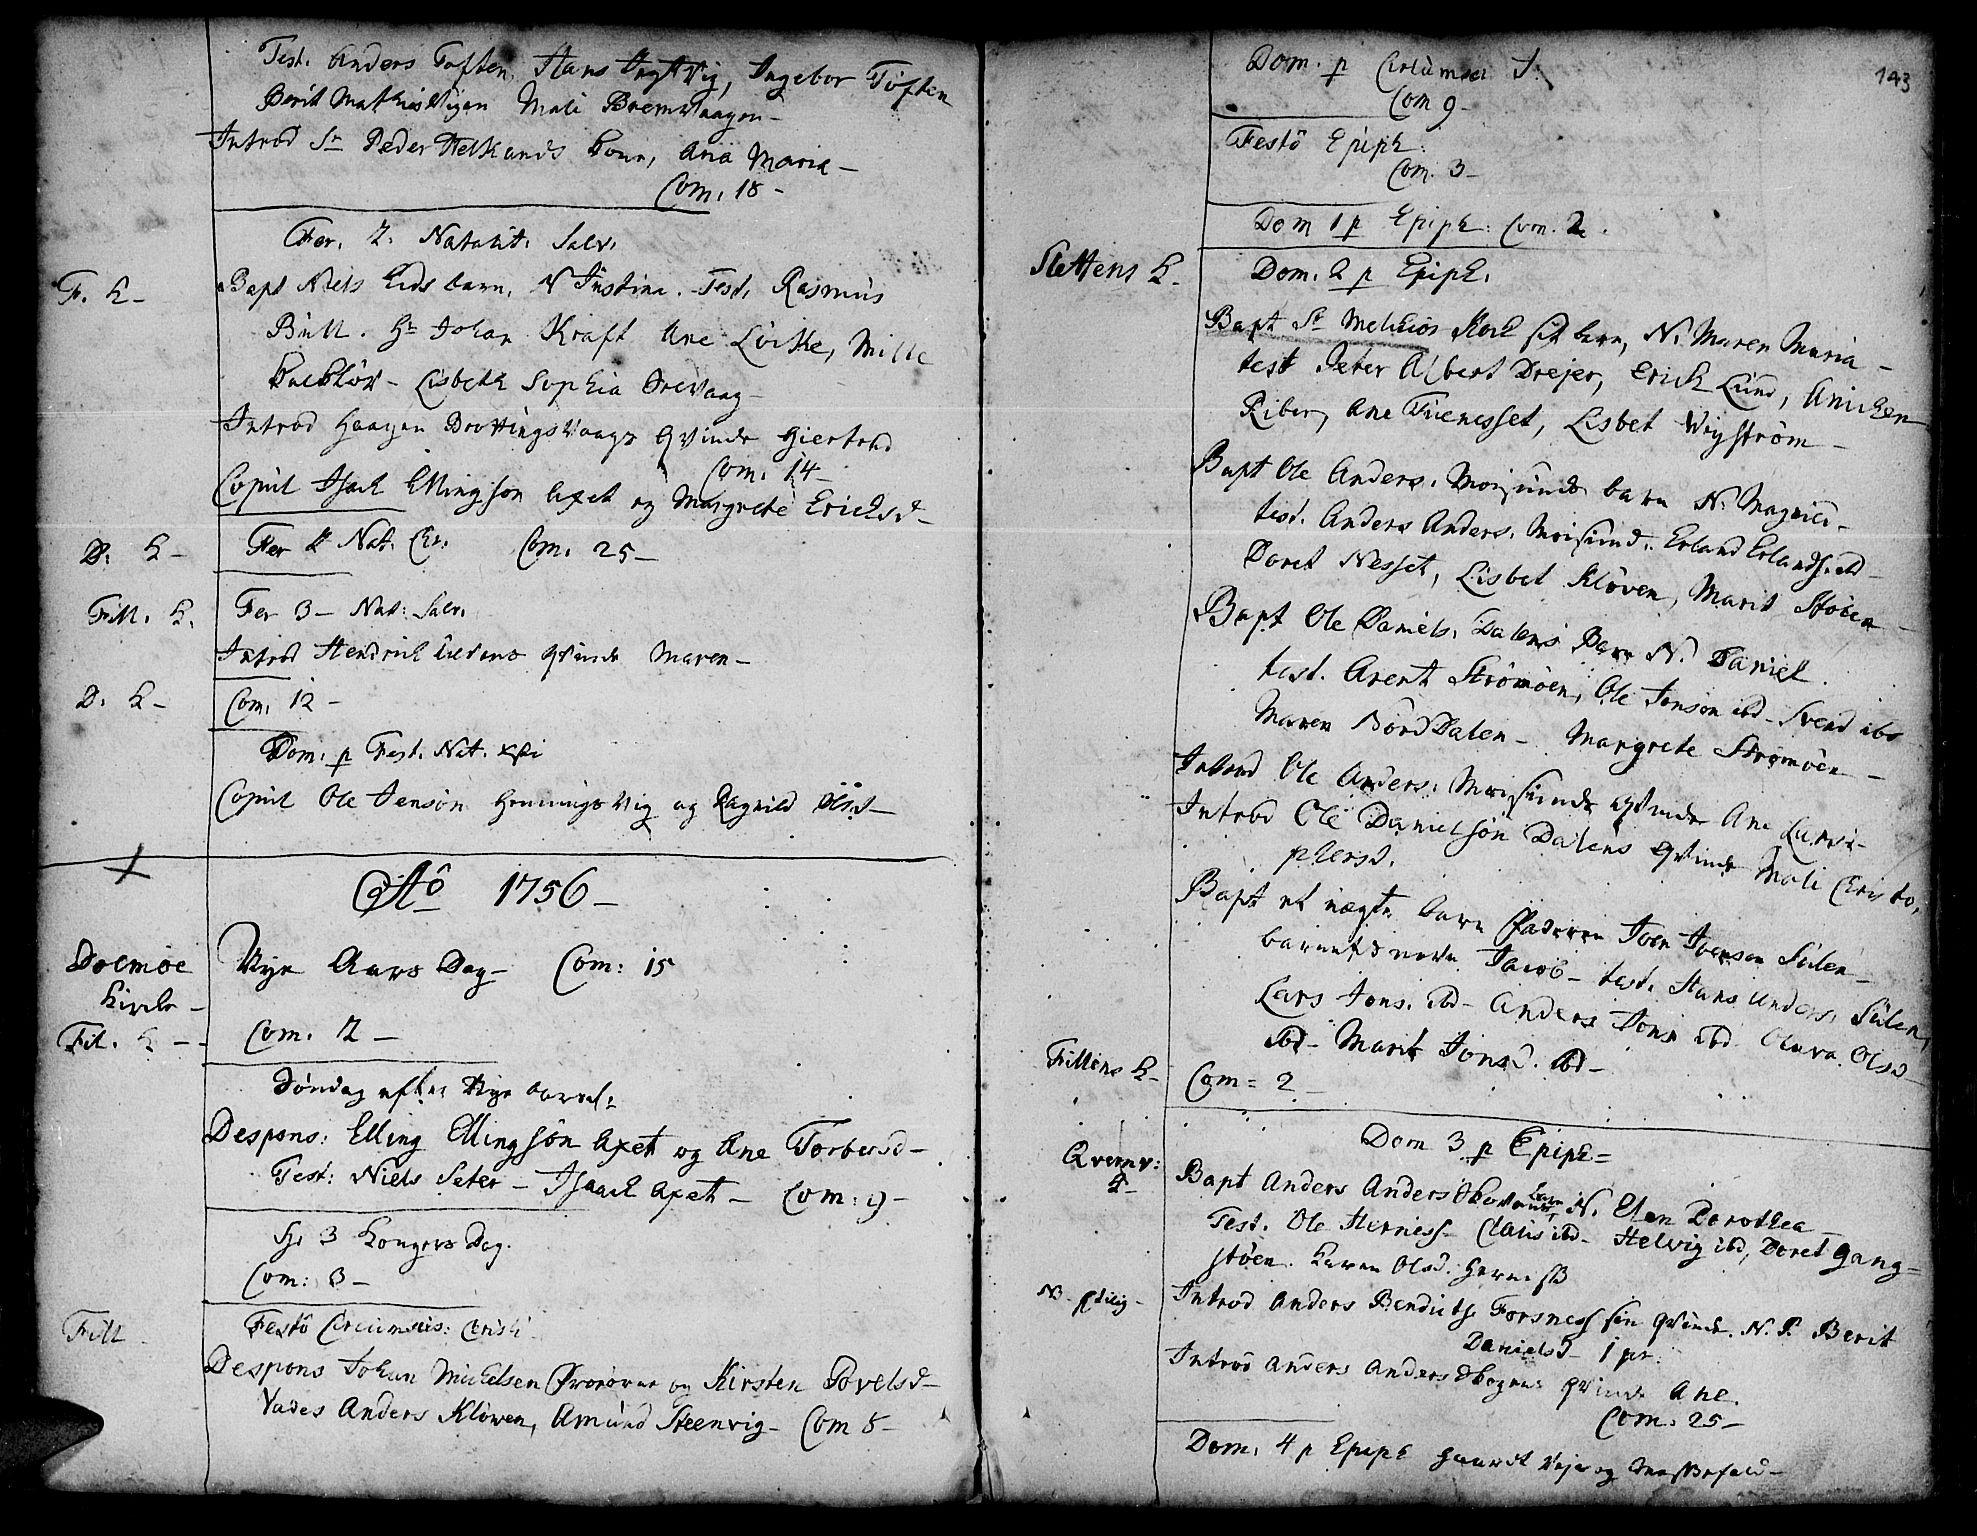 SAT, Ministerialprotokoller, klokkerbøker og fødselsregistre - Sør-Trøndelag, 634/L0525: Ministerialbok nr. 634A01, 1736-1775, s. 143